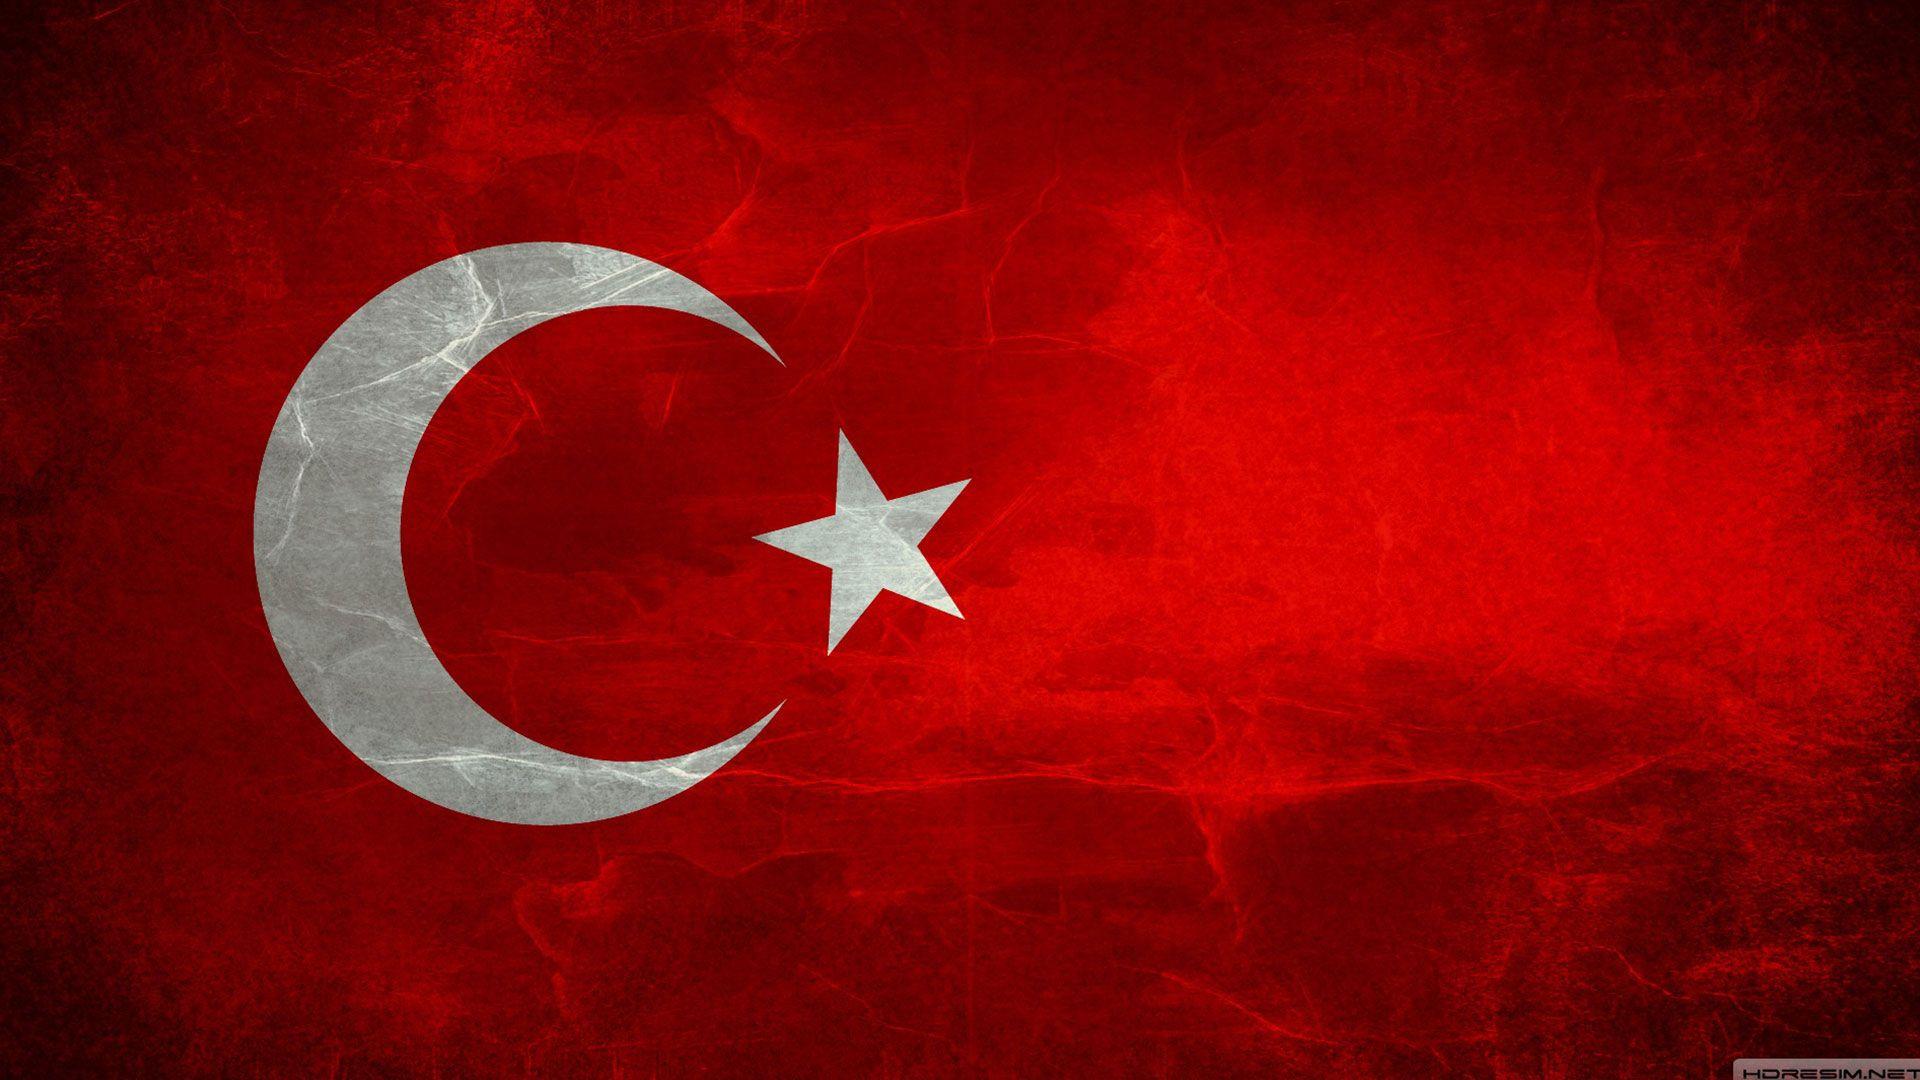 Türk Bayrağı Duvar Kağıdı Indir Türk Bayrakları